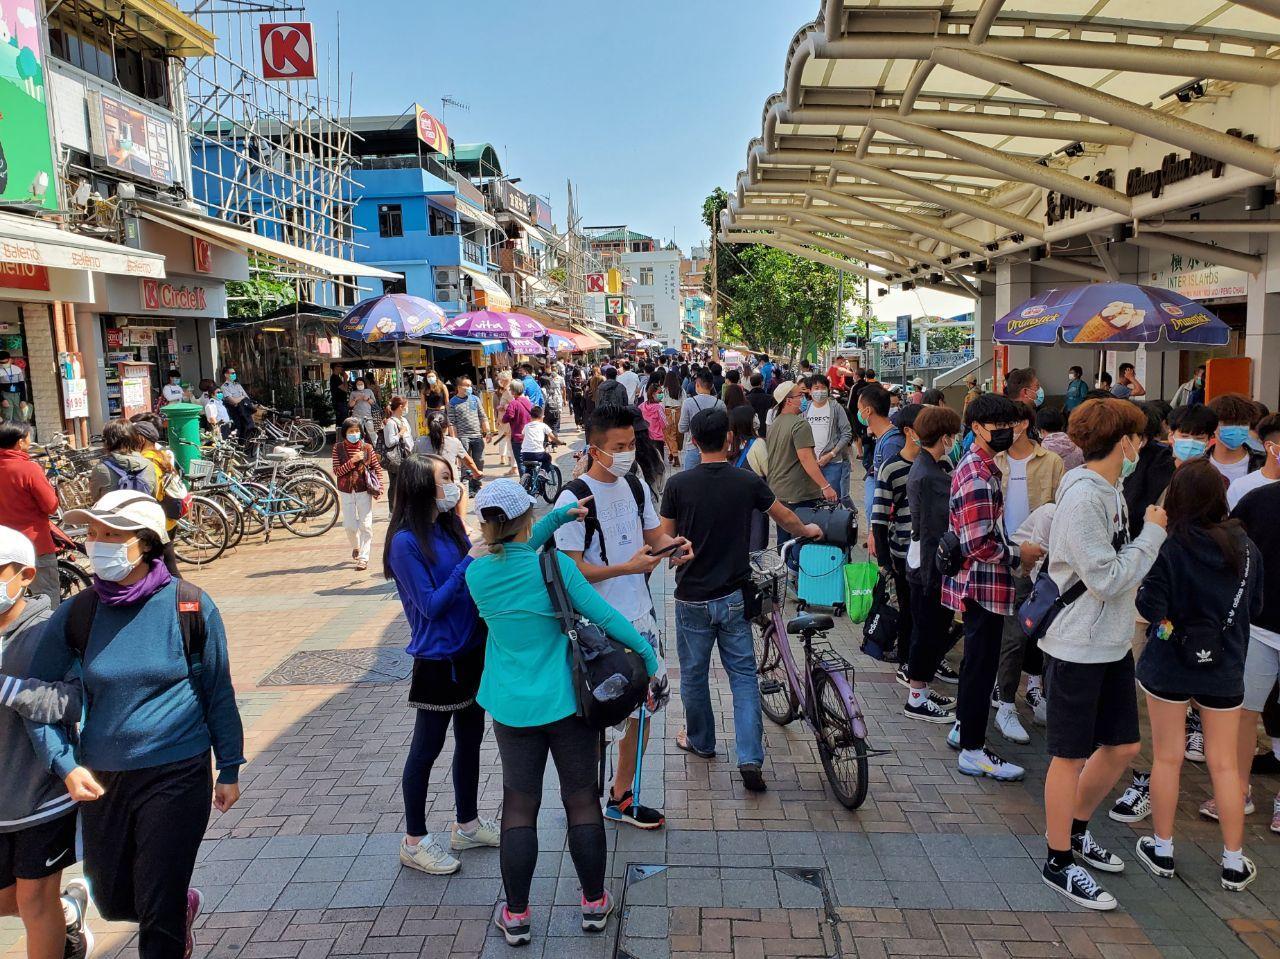 2020年復活節長假期,以長洲為例,當地天高氣爽,可見很多背著背囊的遊客,一家大小有踏單車的,也有徒步旅行的,在食肆內也可見有不少人用餐和聊天。(宋碧龍 / 大紀元)